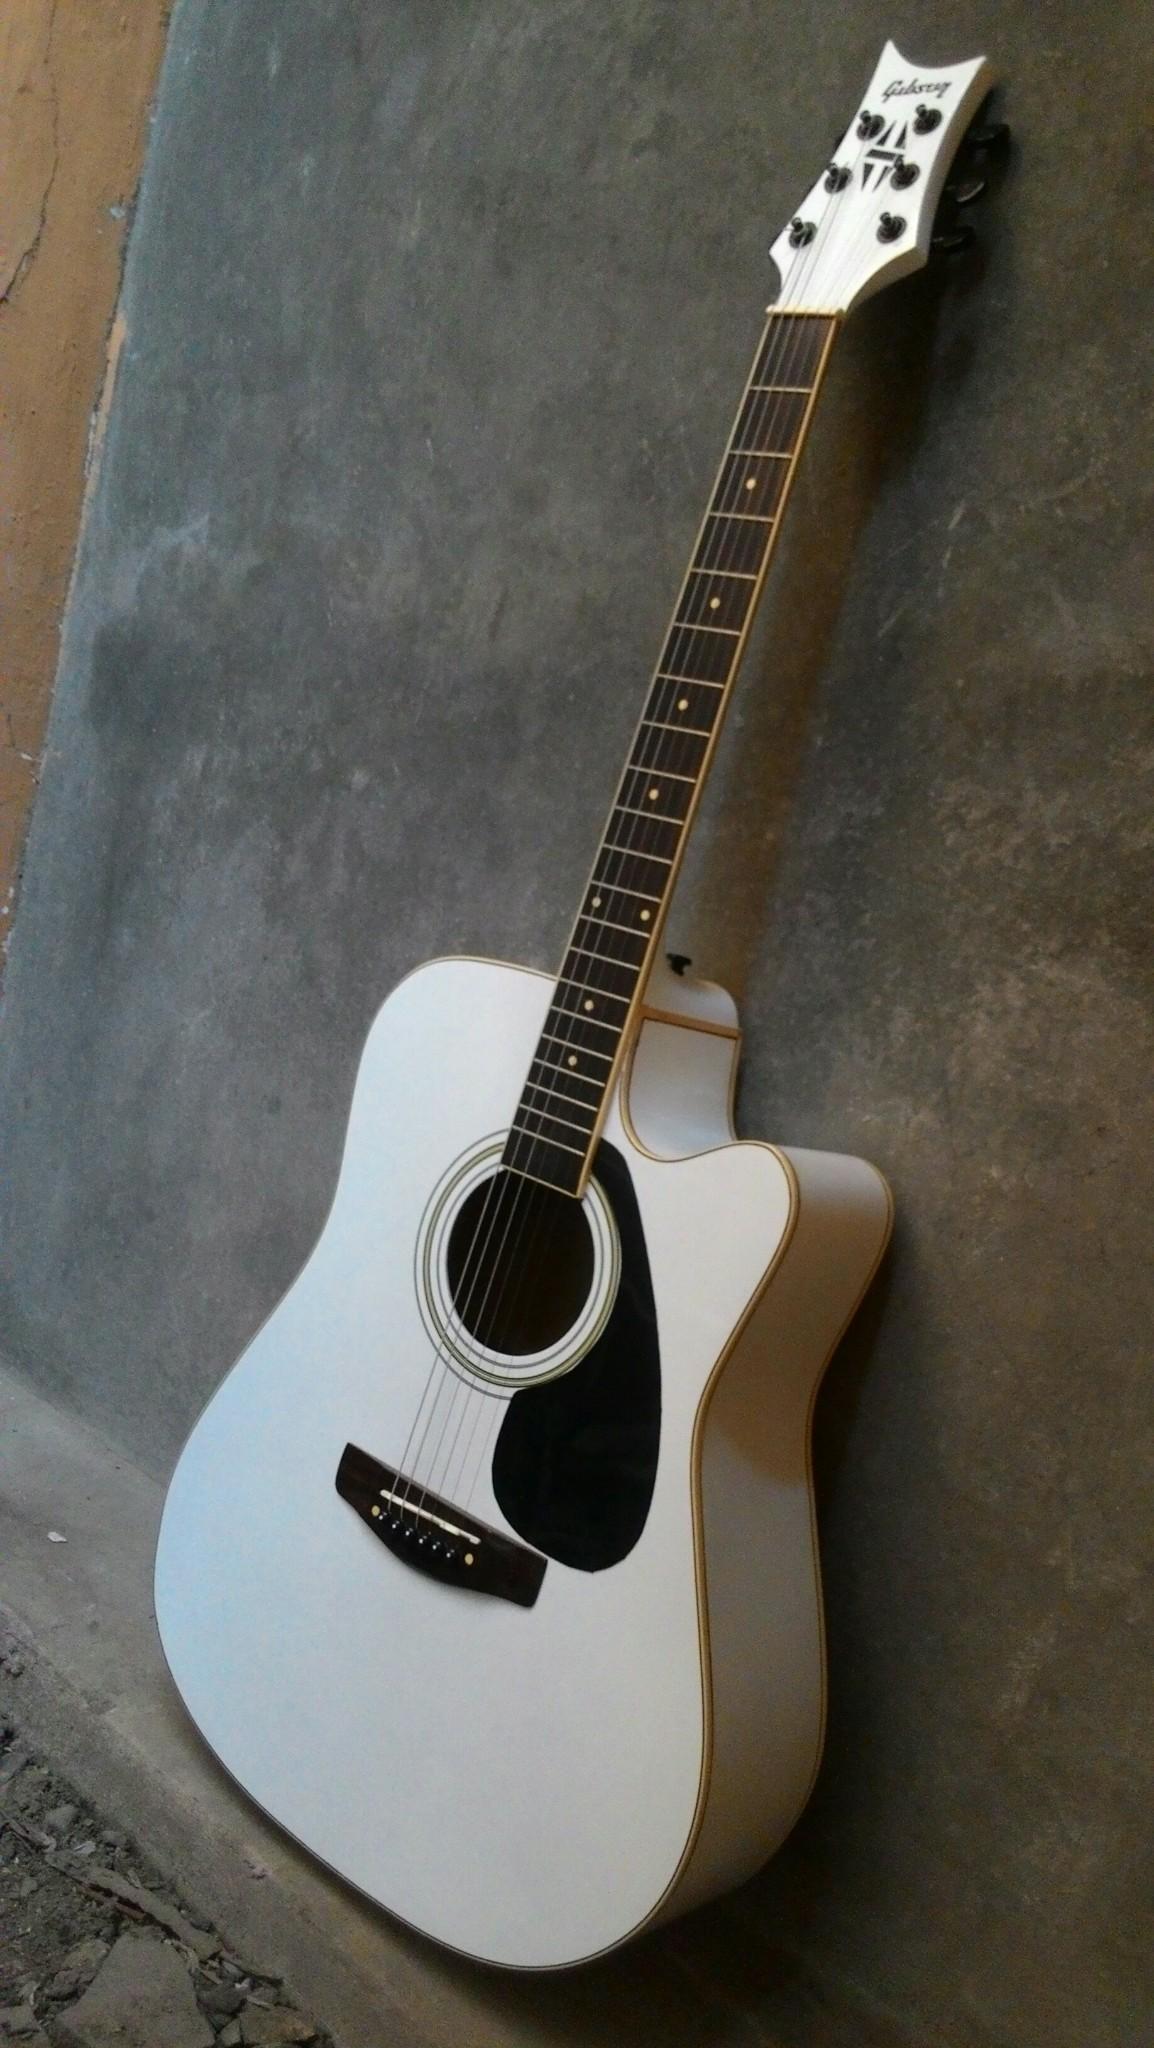 Jual Gitar Akustik Jumbo White Gibson Super Exclusive